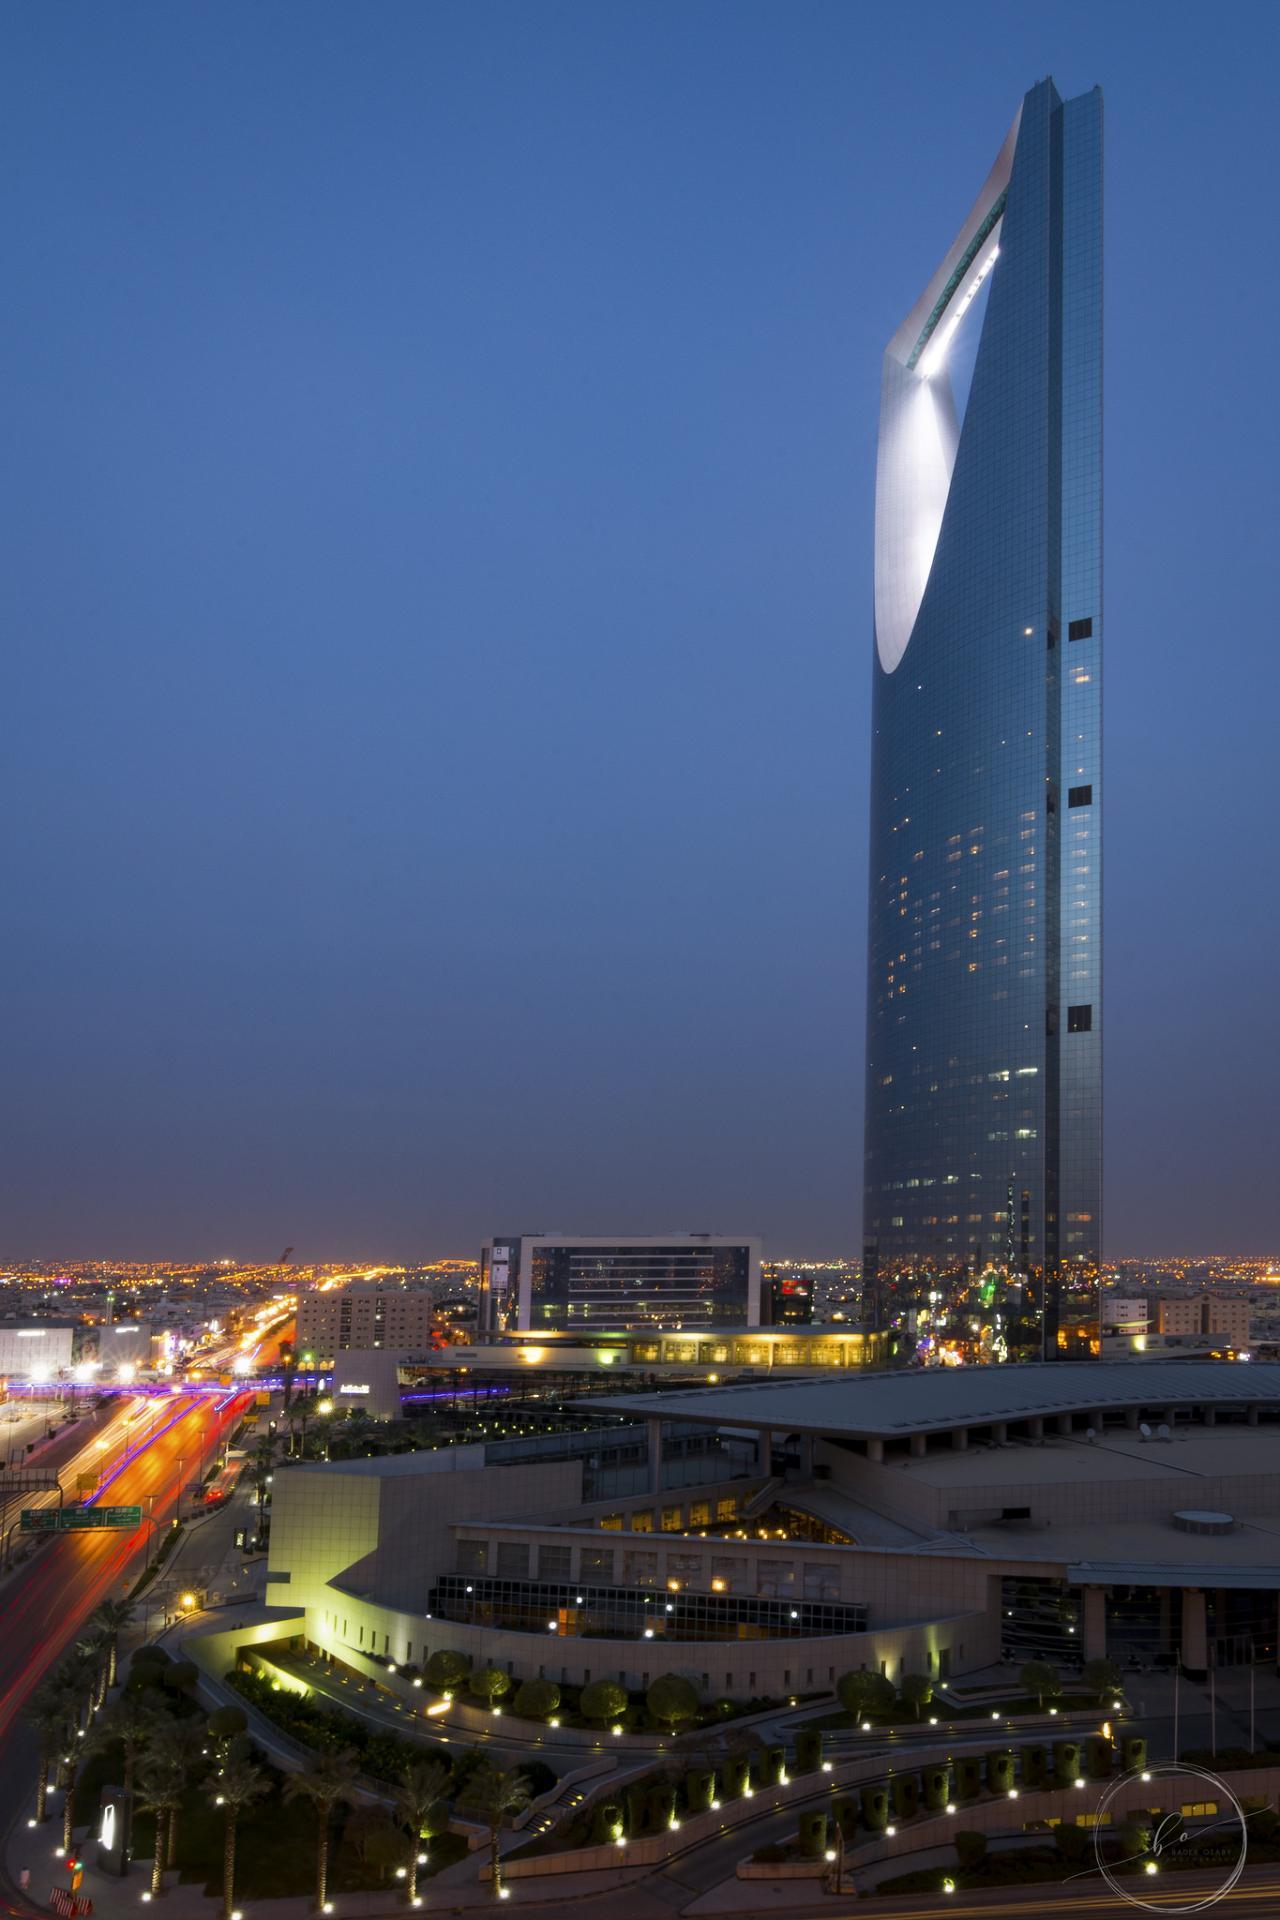 صور تعبير عن الرياض , تفاصيل عن الرياض